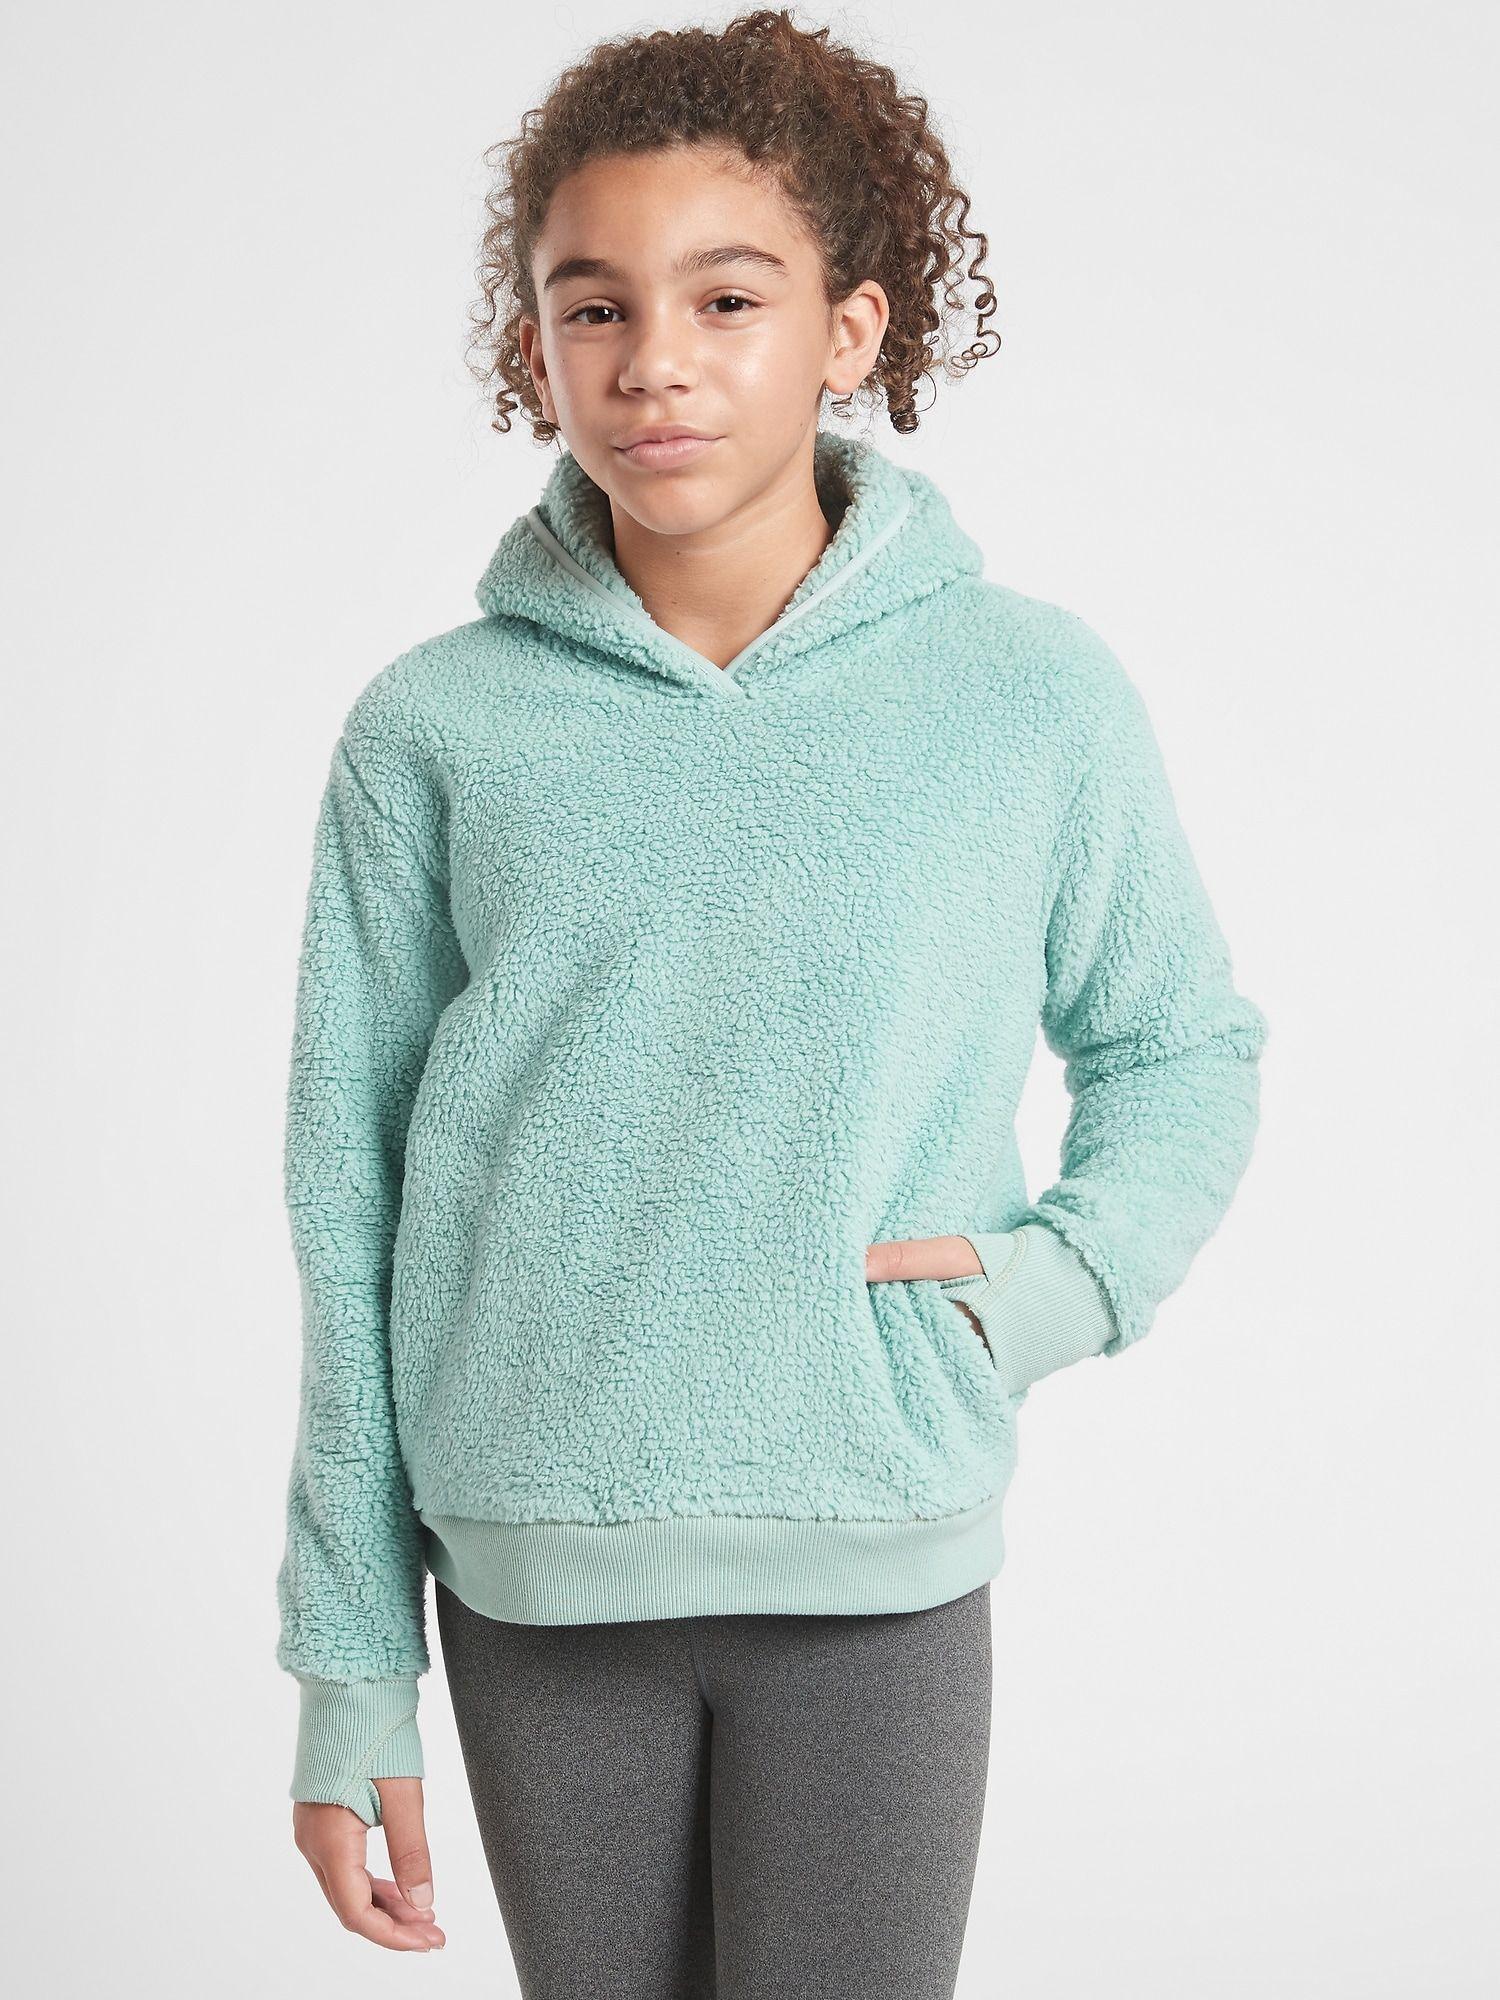 Athleta Girl So Snug Sherpa Hoodie 2 0 Athleta In 2021 Sherpa Hoodie Girl Sweatshirts Hoodies [ 2000 x 1500 Pixel ]